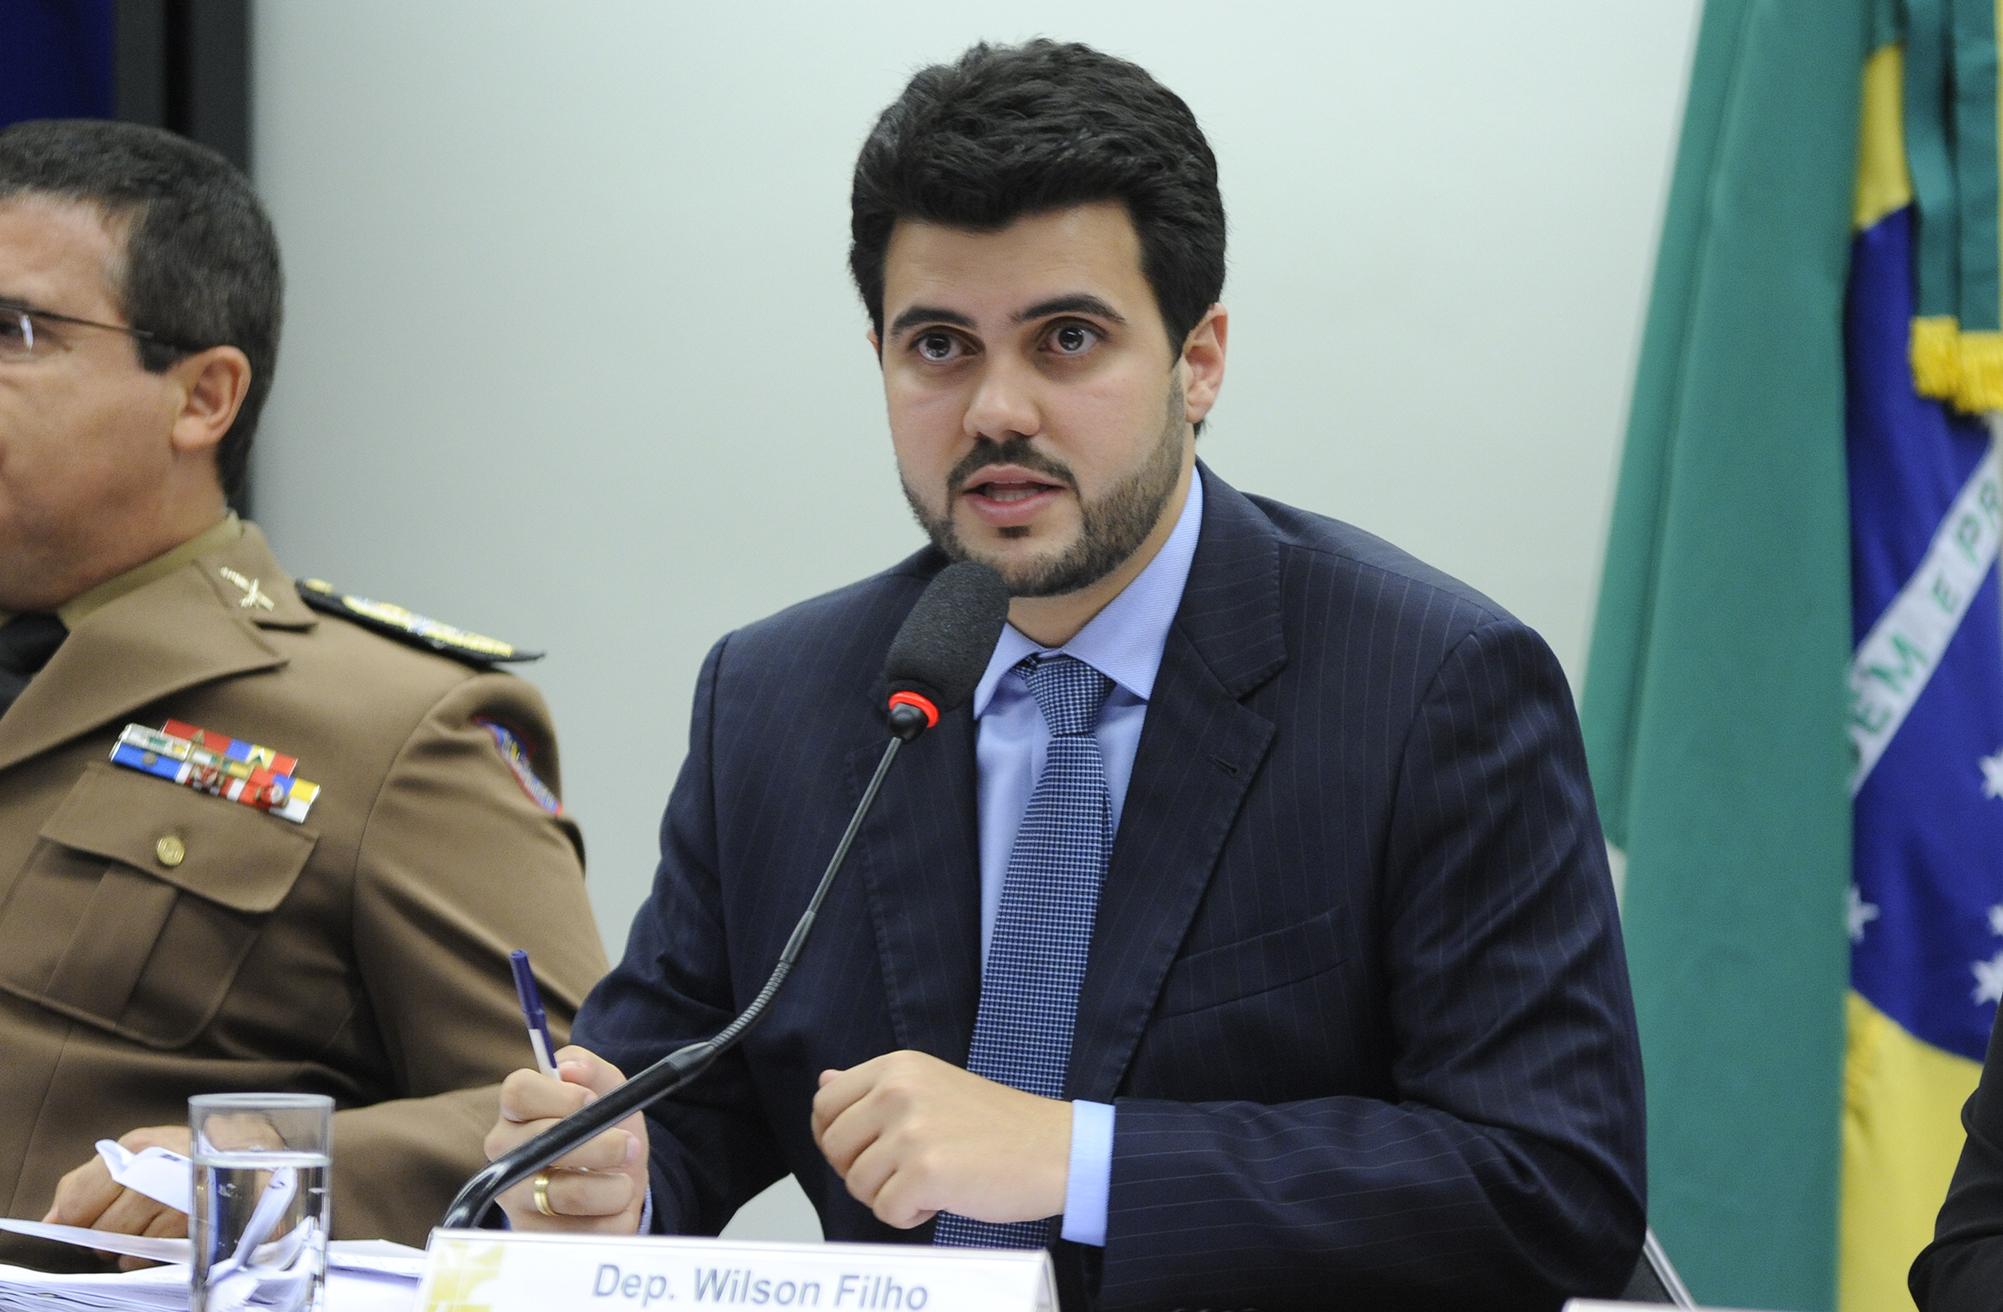 Audiência Pública e Reunião Ordinária. Dep. Wilson Filho (PMDB-PB)